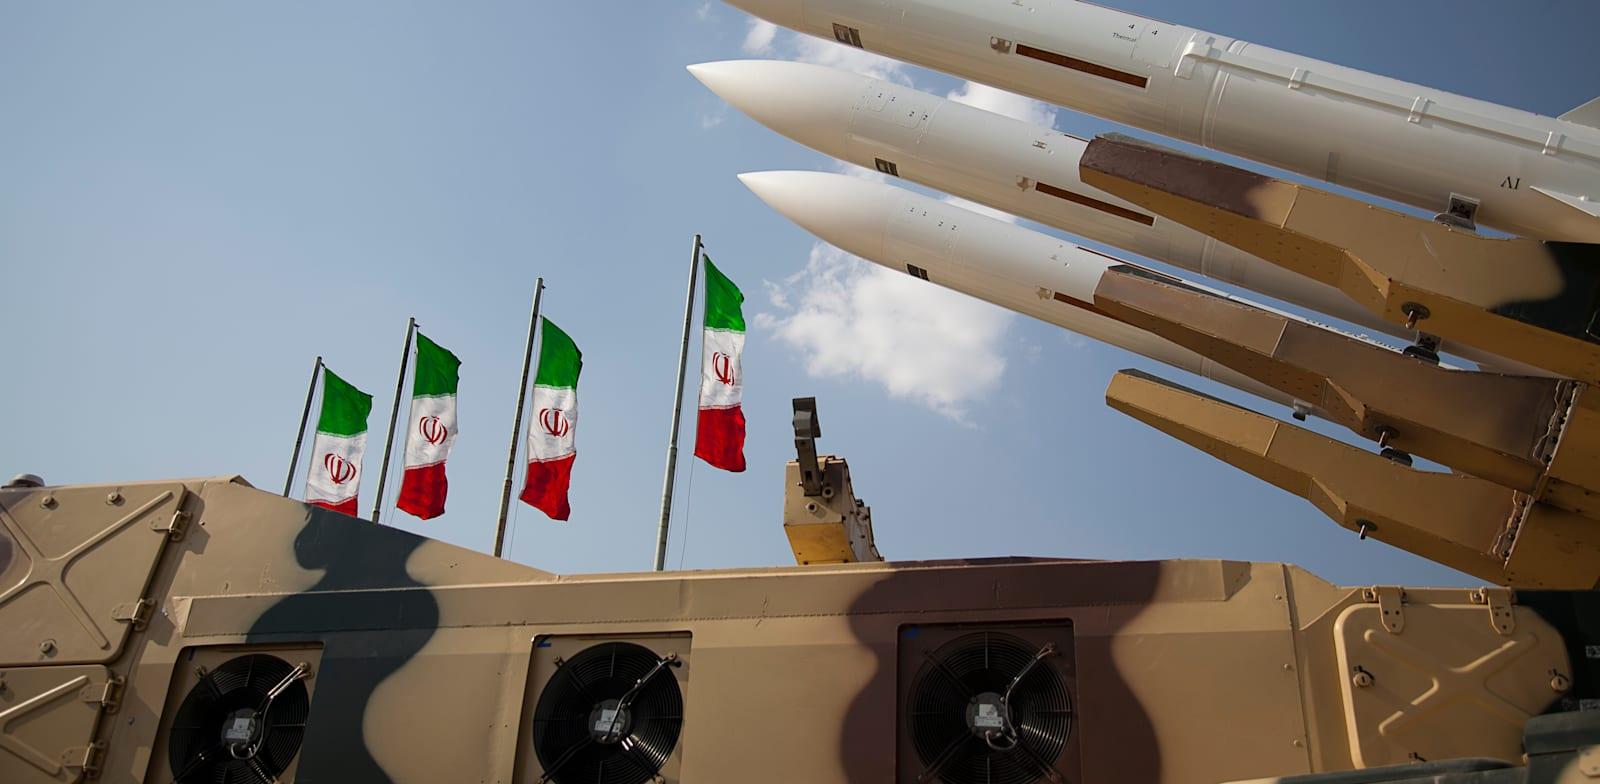 המחדל החמור ביותר של הדרג המדיני והפיקוד הבכיר: הפקרת העורף מפני איום הטילים